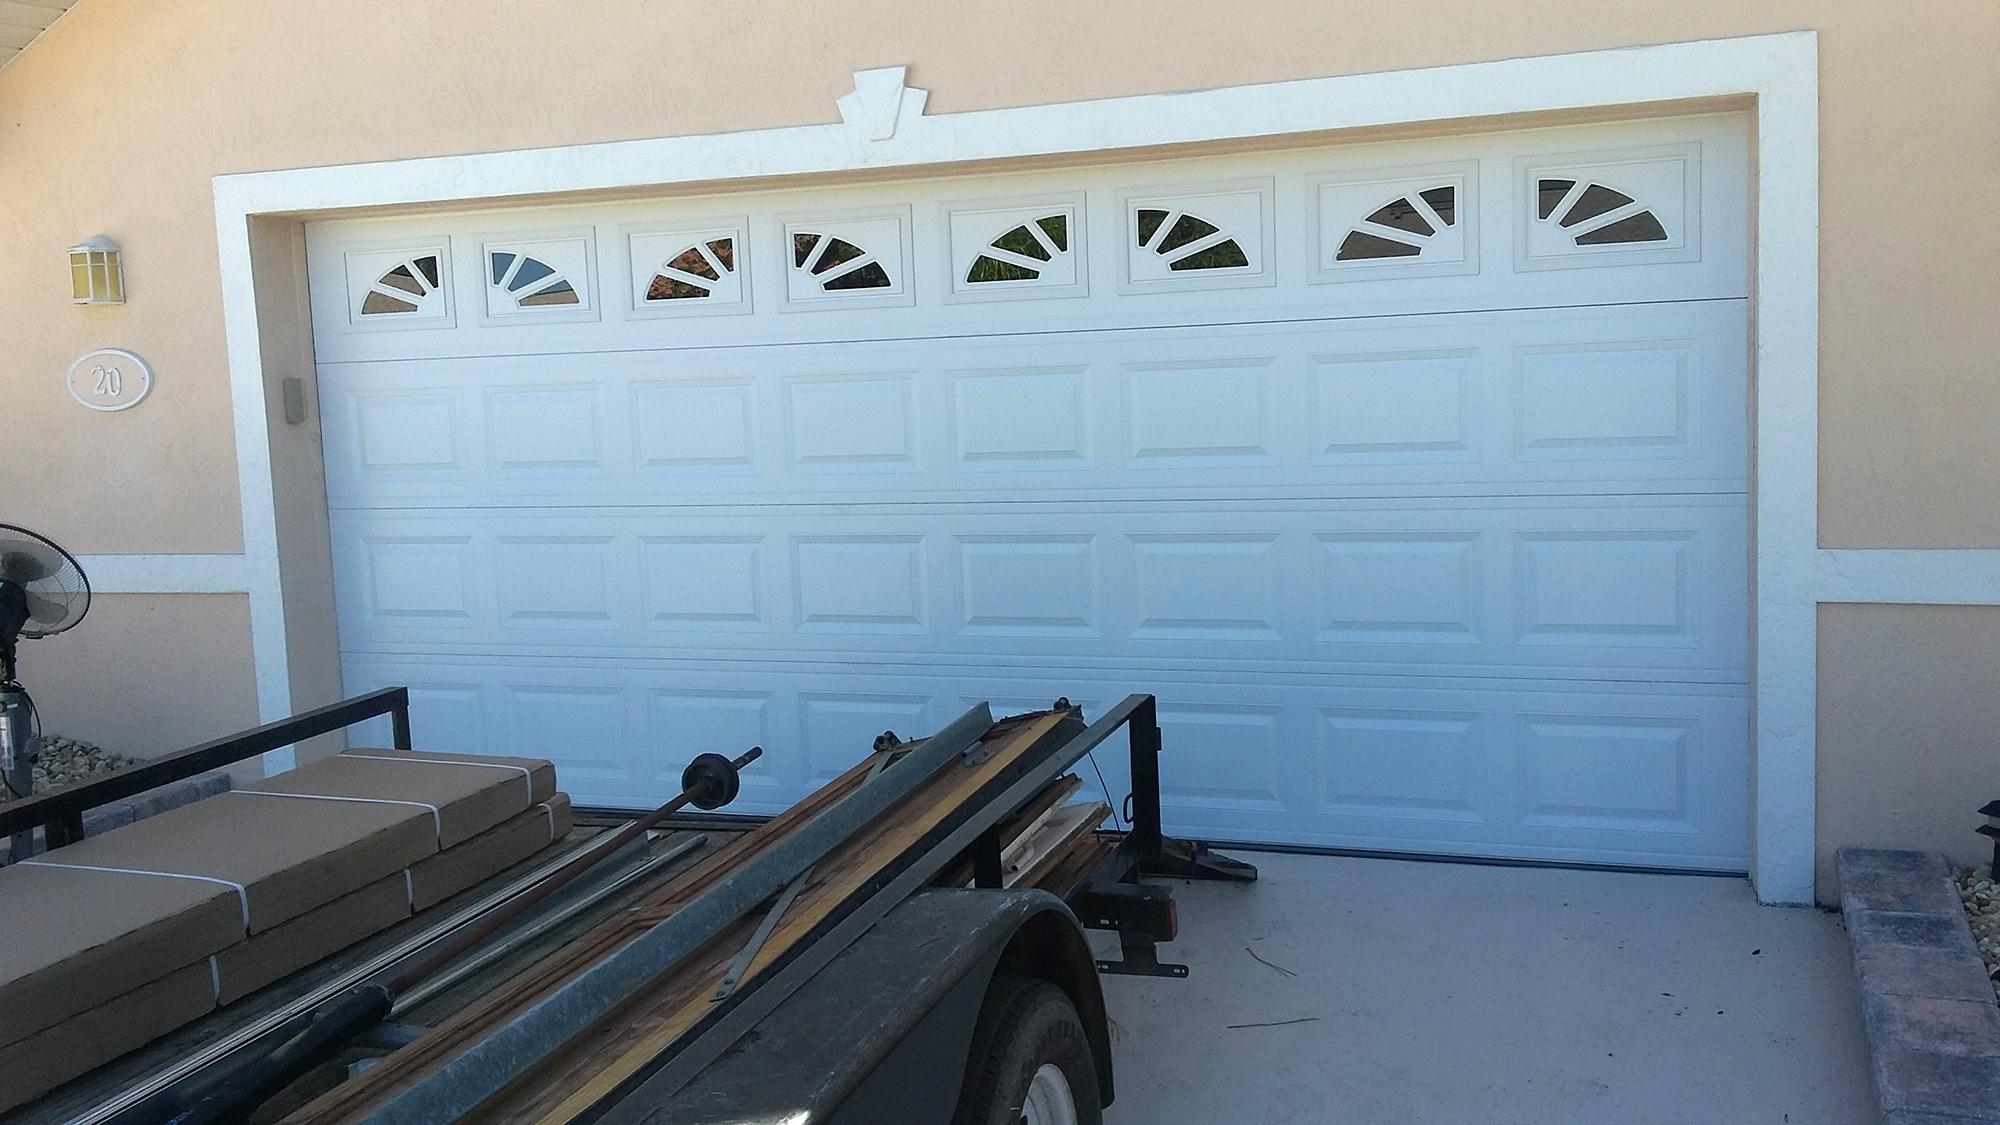 C Section Abs Garage Doors